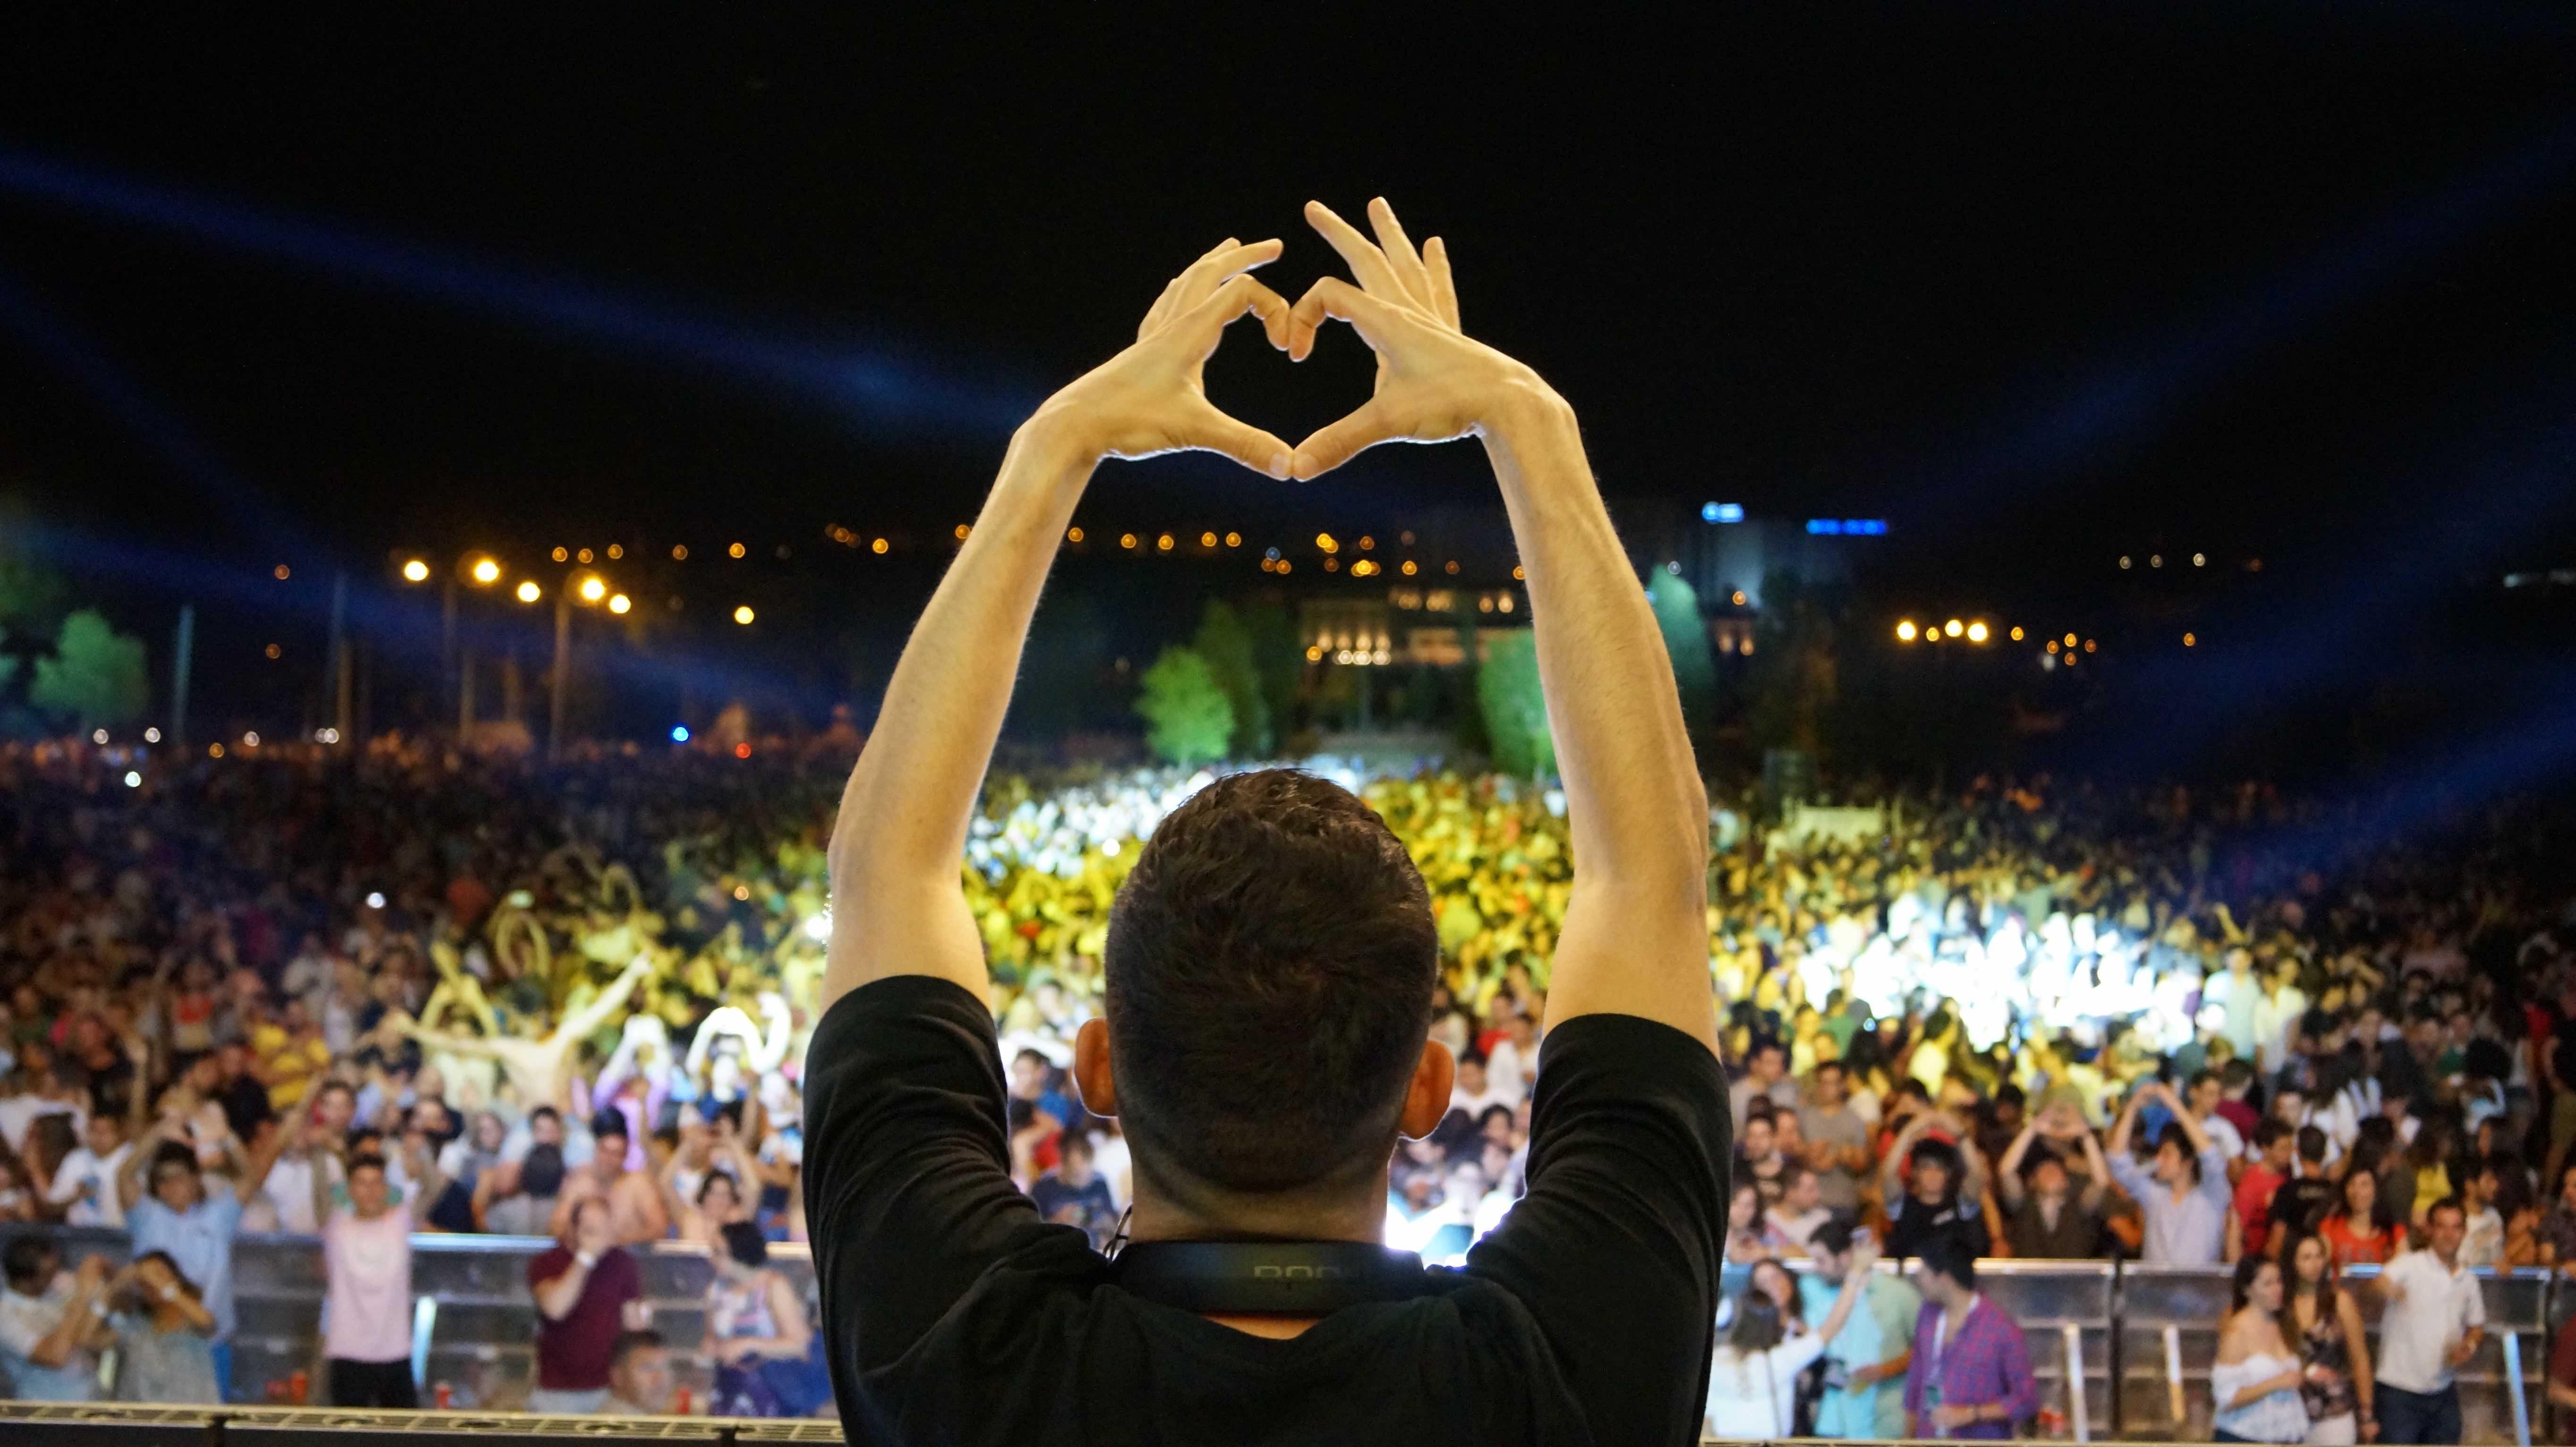 Día Internacional del DJ: ¡10 curiosidades que puede que no sepas de tus artistas!